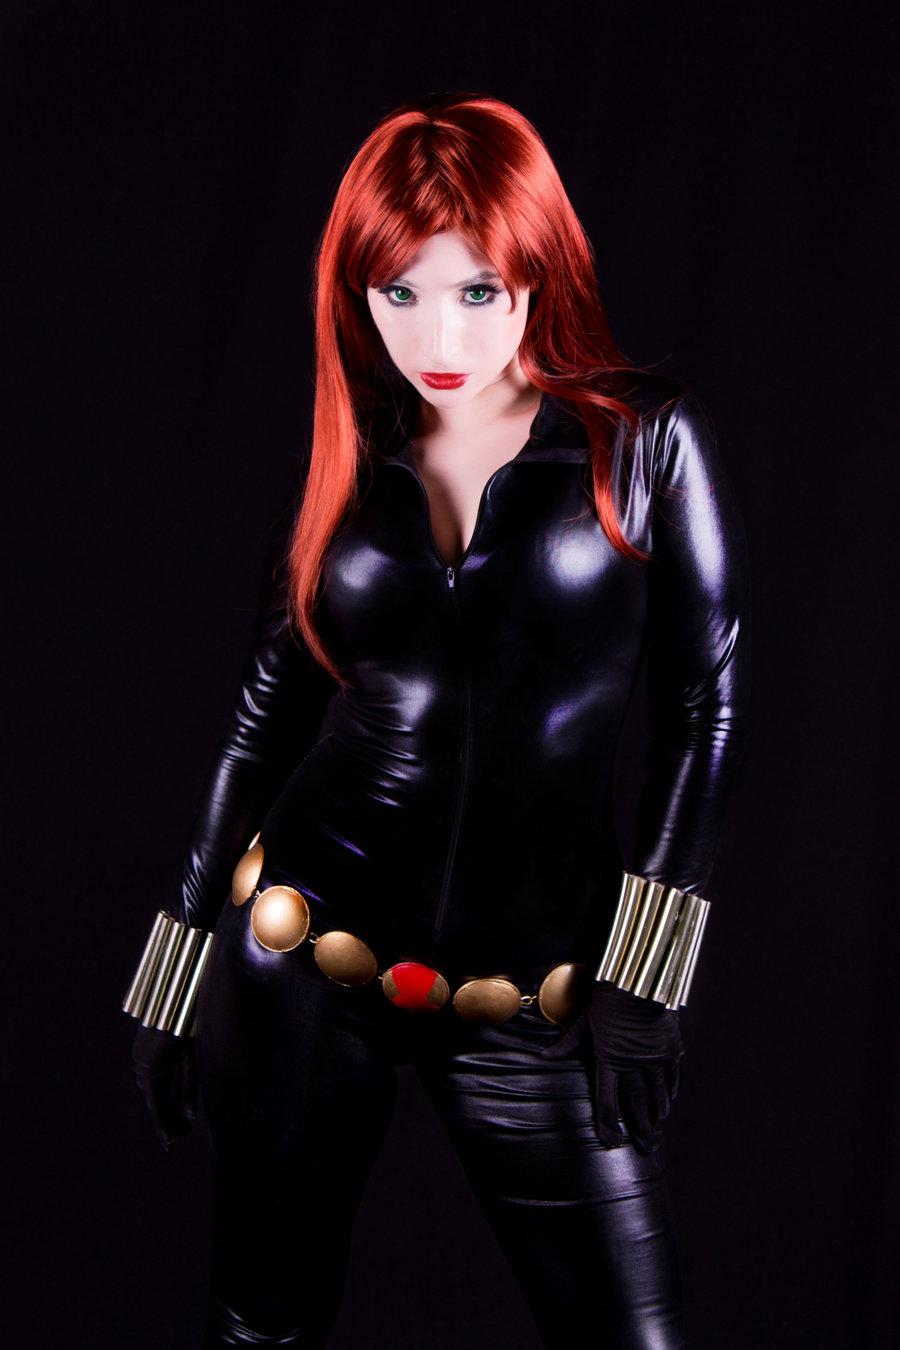 Kitty Honey is Black Widow | Photo by: Magic Alex Photo